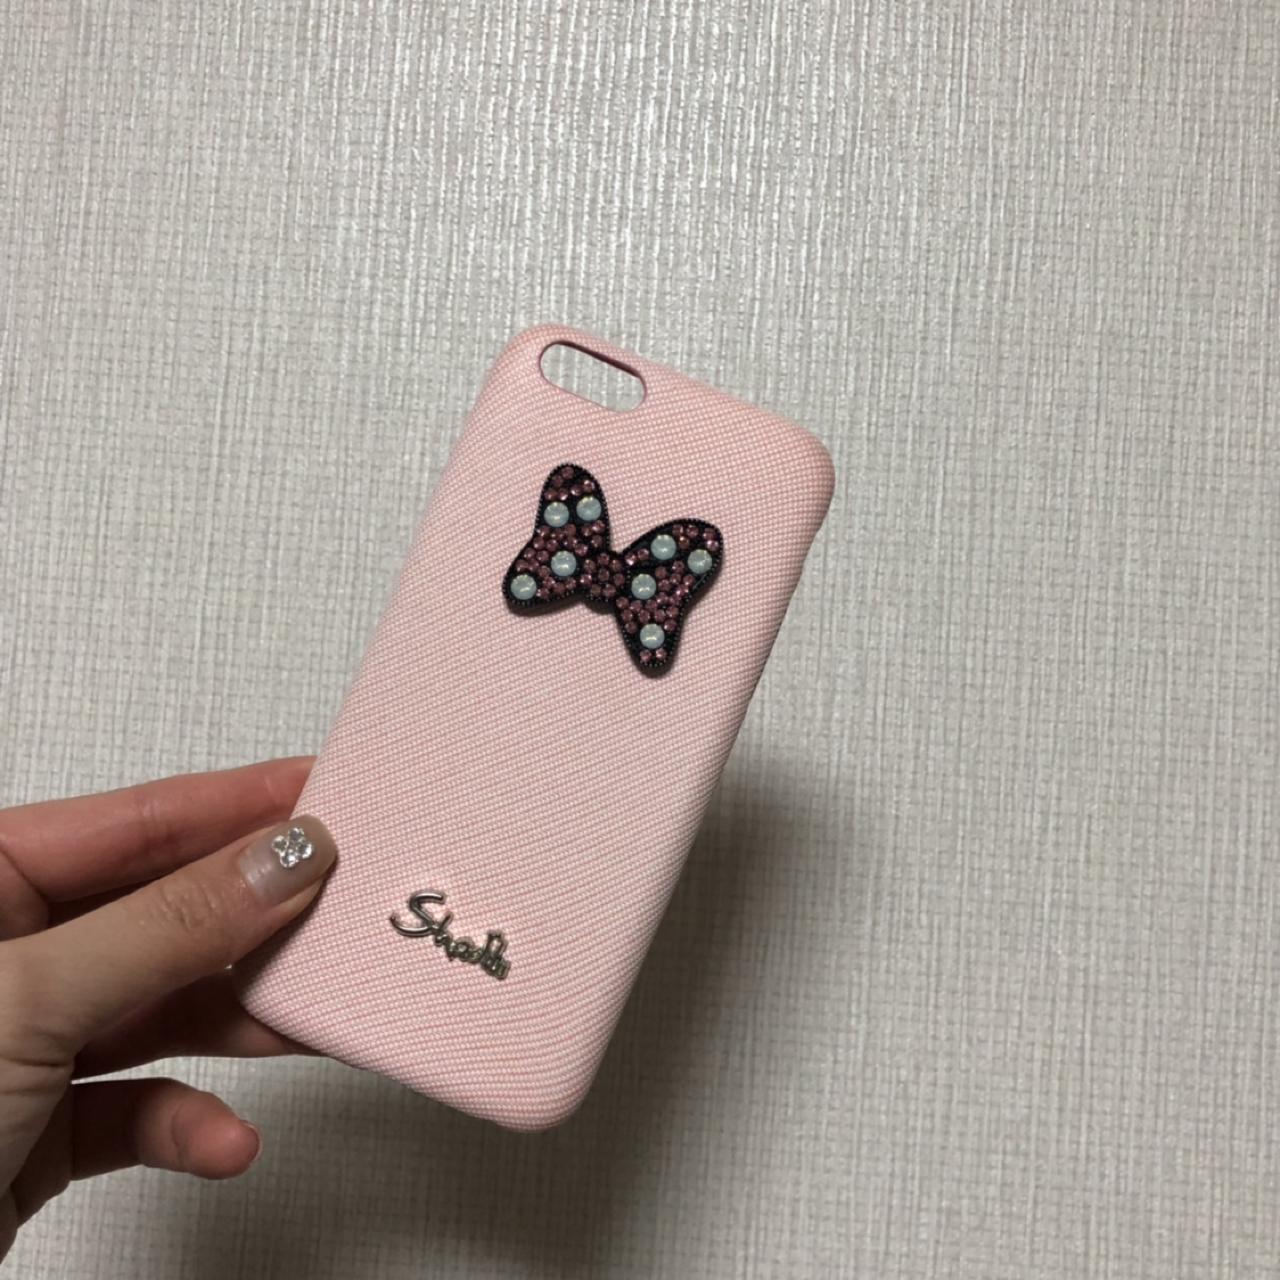 아이폰6 케이스 , 아이폰7 아이폰8 케이스